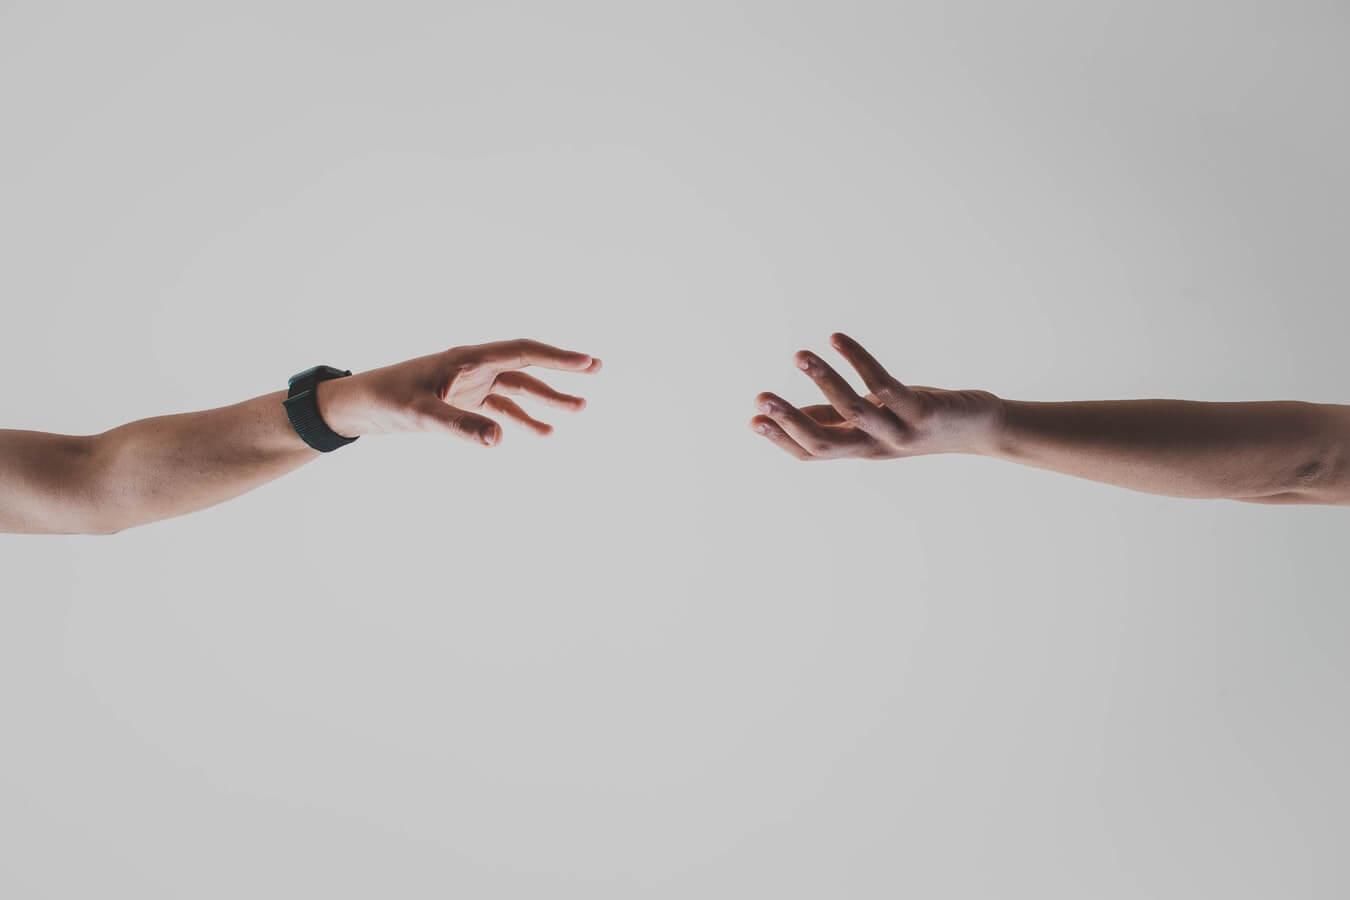 Två personer som försöker nå varandra